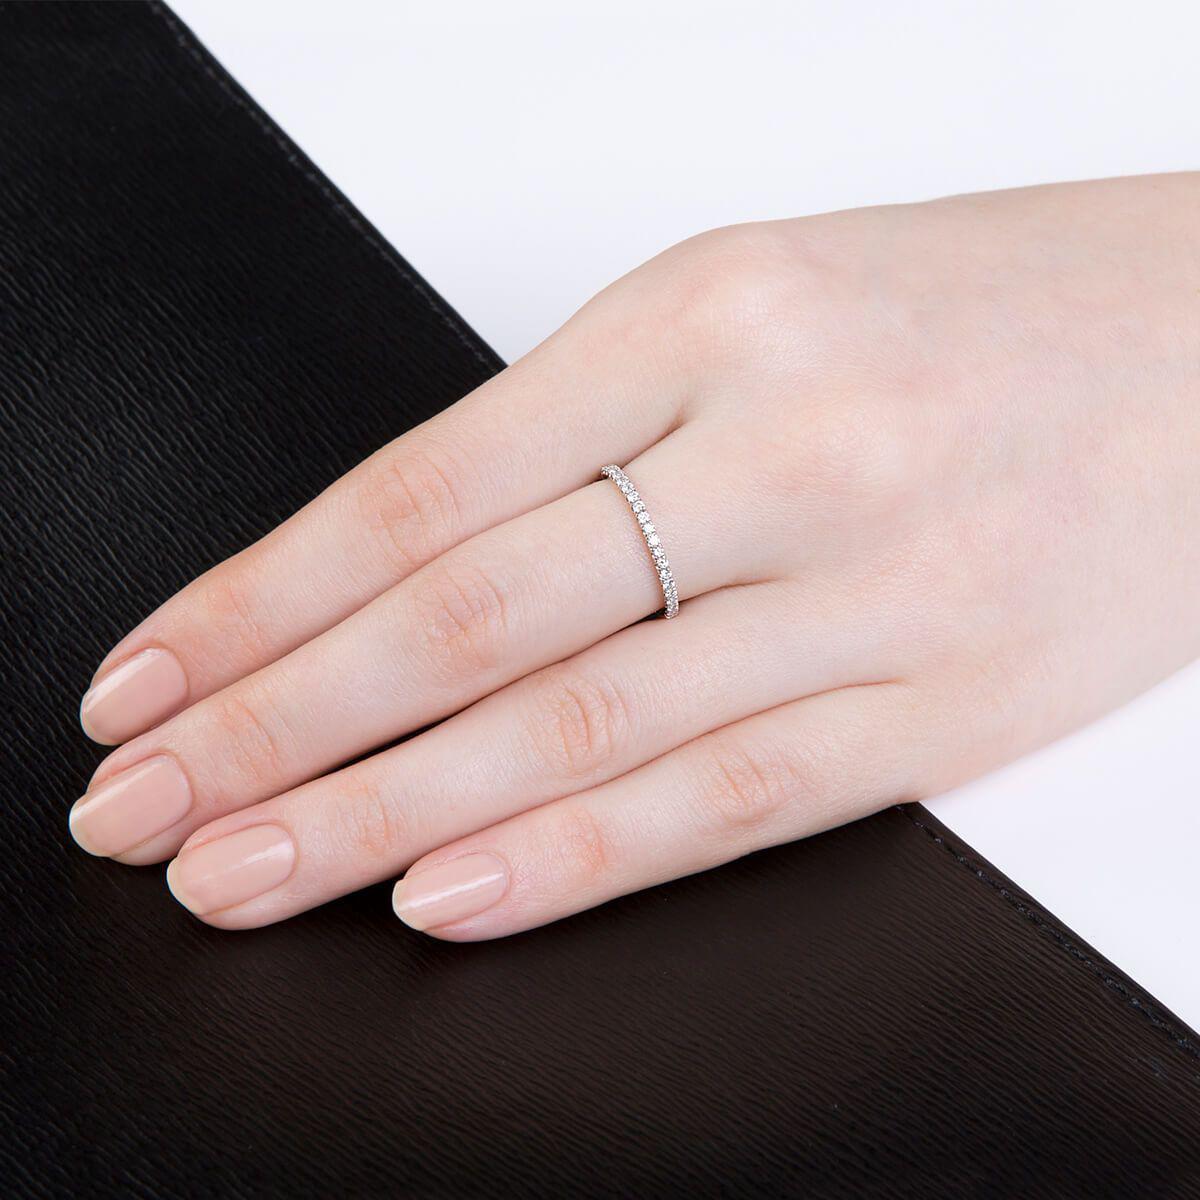 Lyst - Verifine London Green Garnet Full Eternity Ring In 18kt White ...